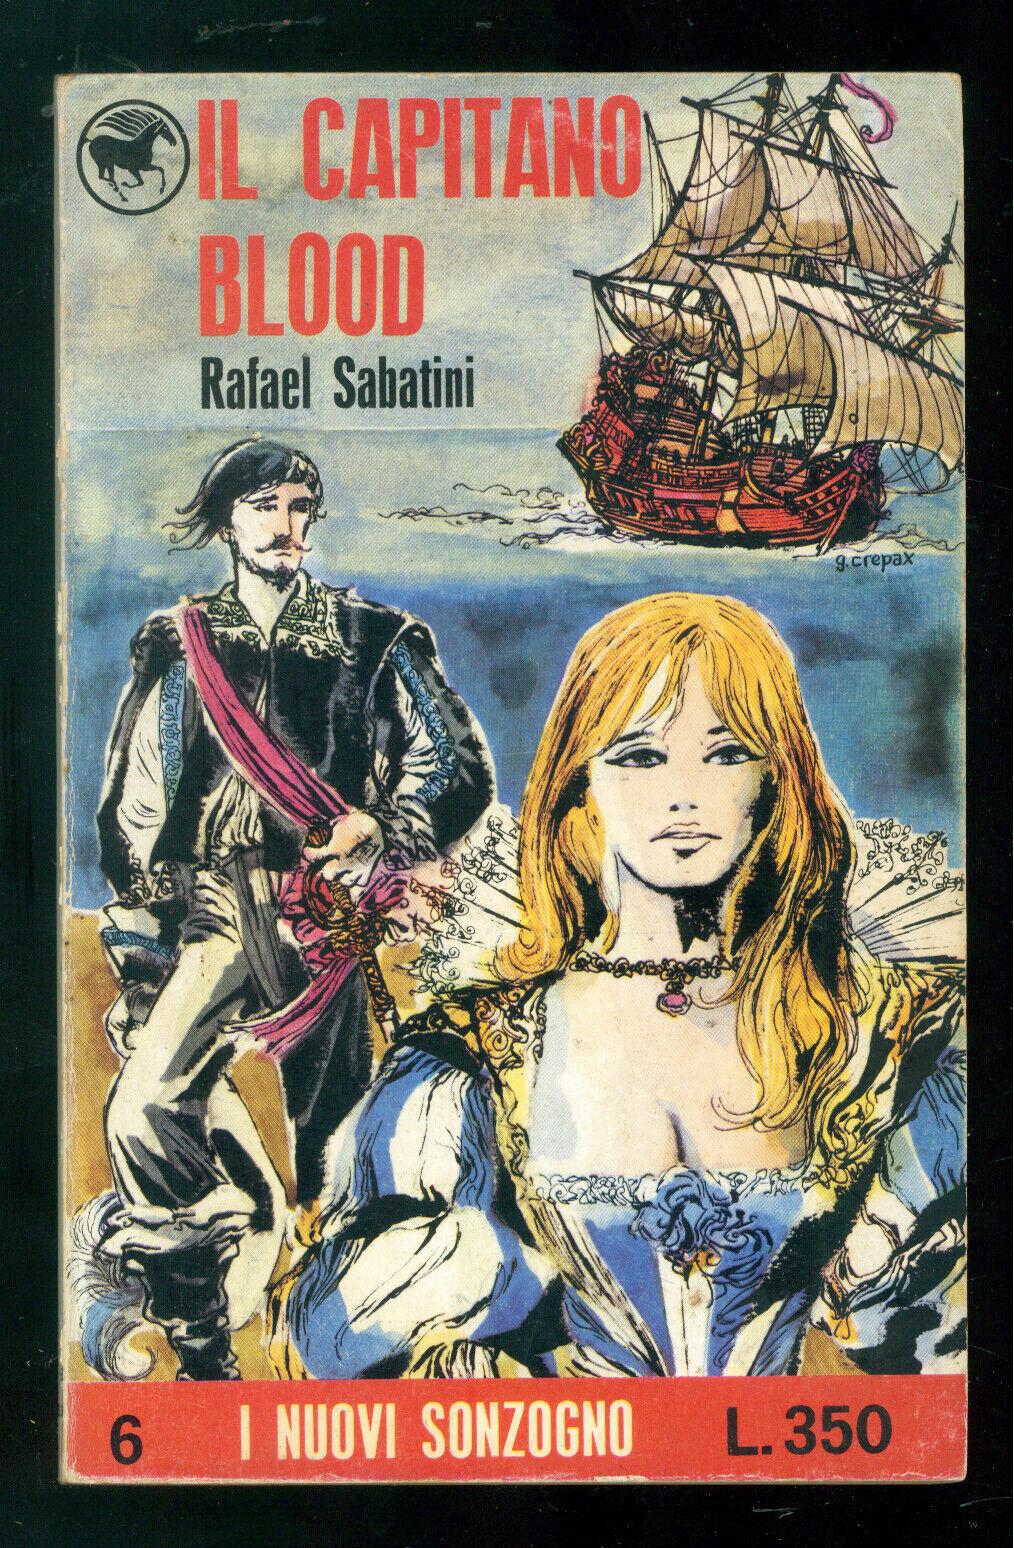 SABATINI RAFAEL IL CAPITANO BLOOD SONZOGNO 1966 COPERTINA GUIDO CREPAX I NUOVI 6